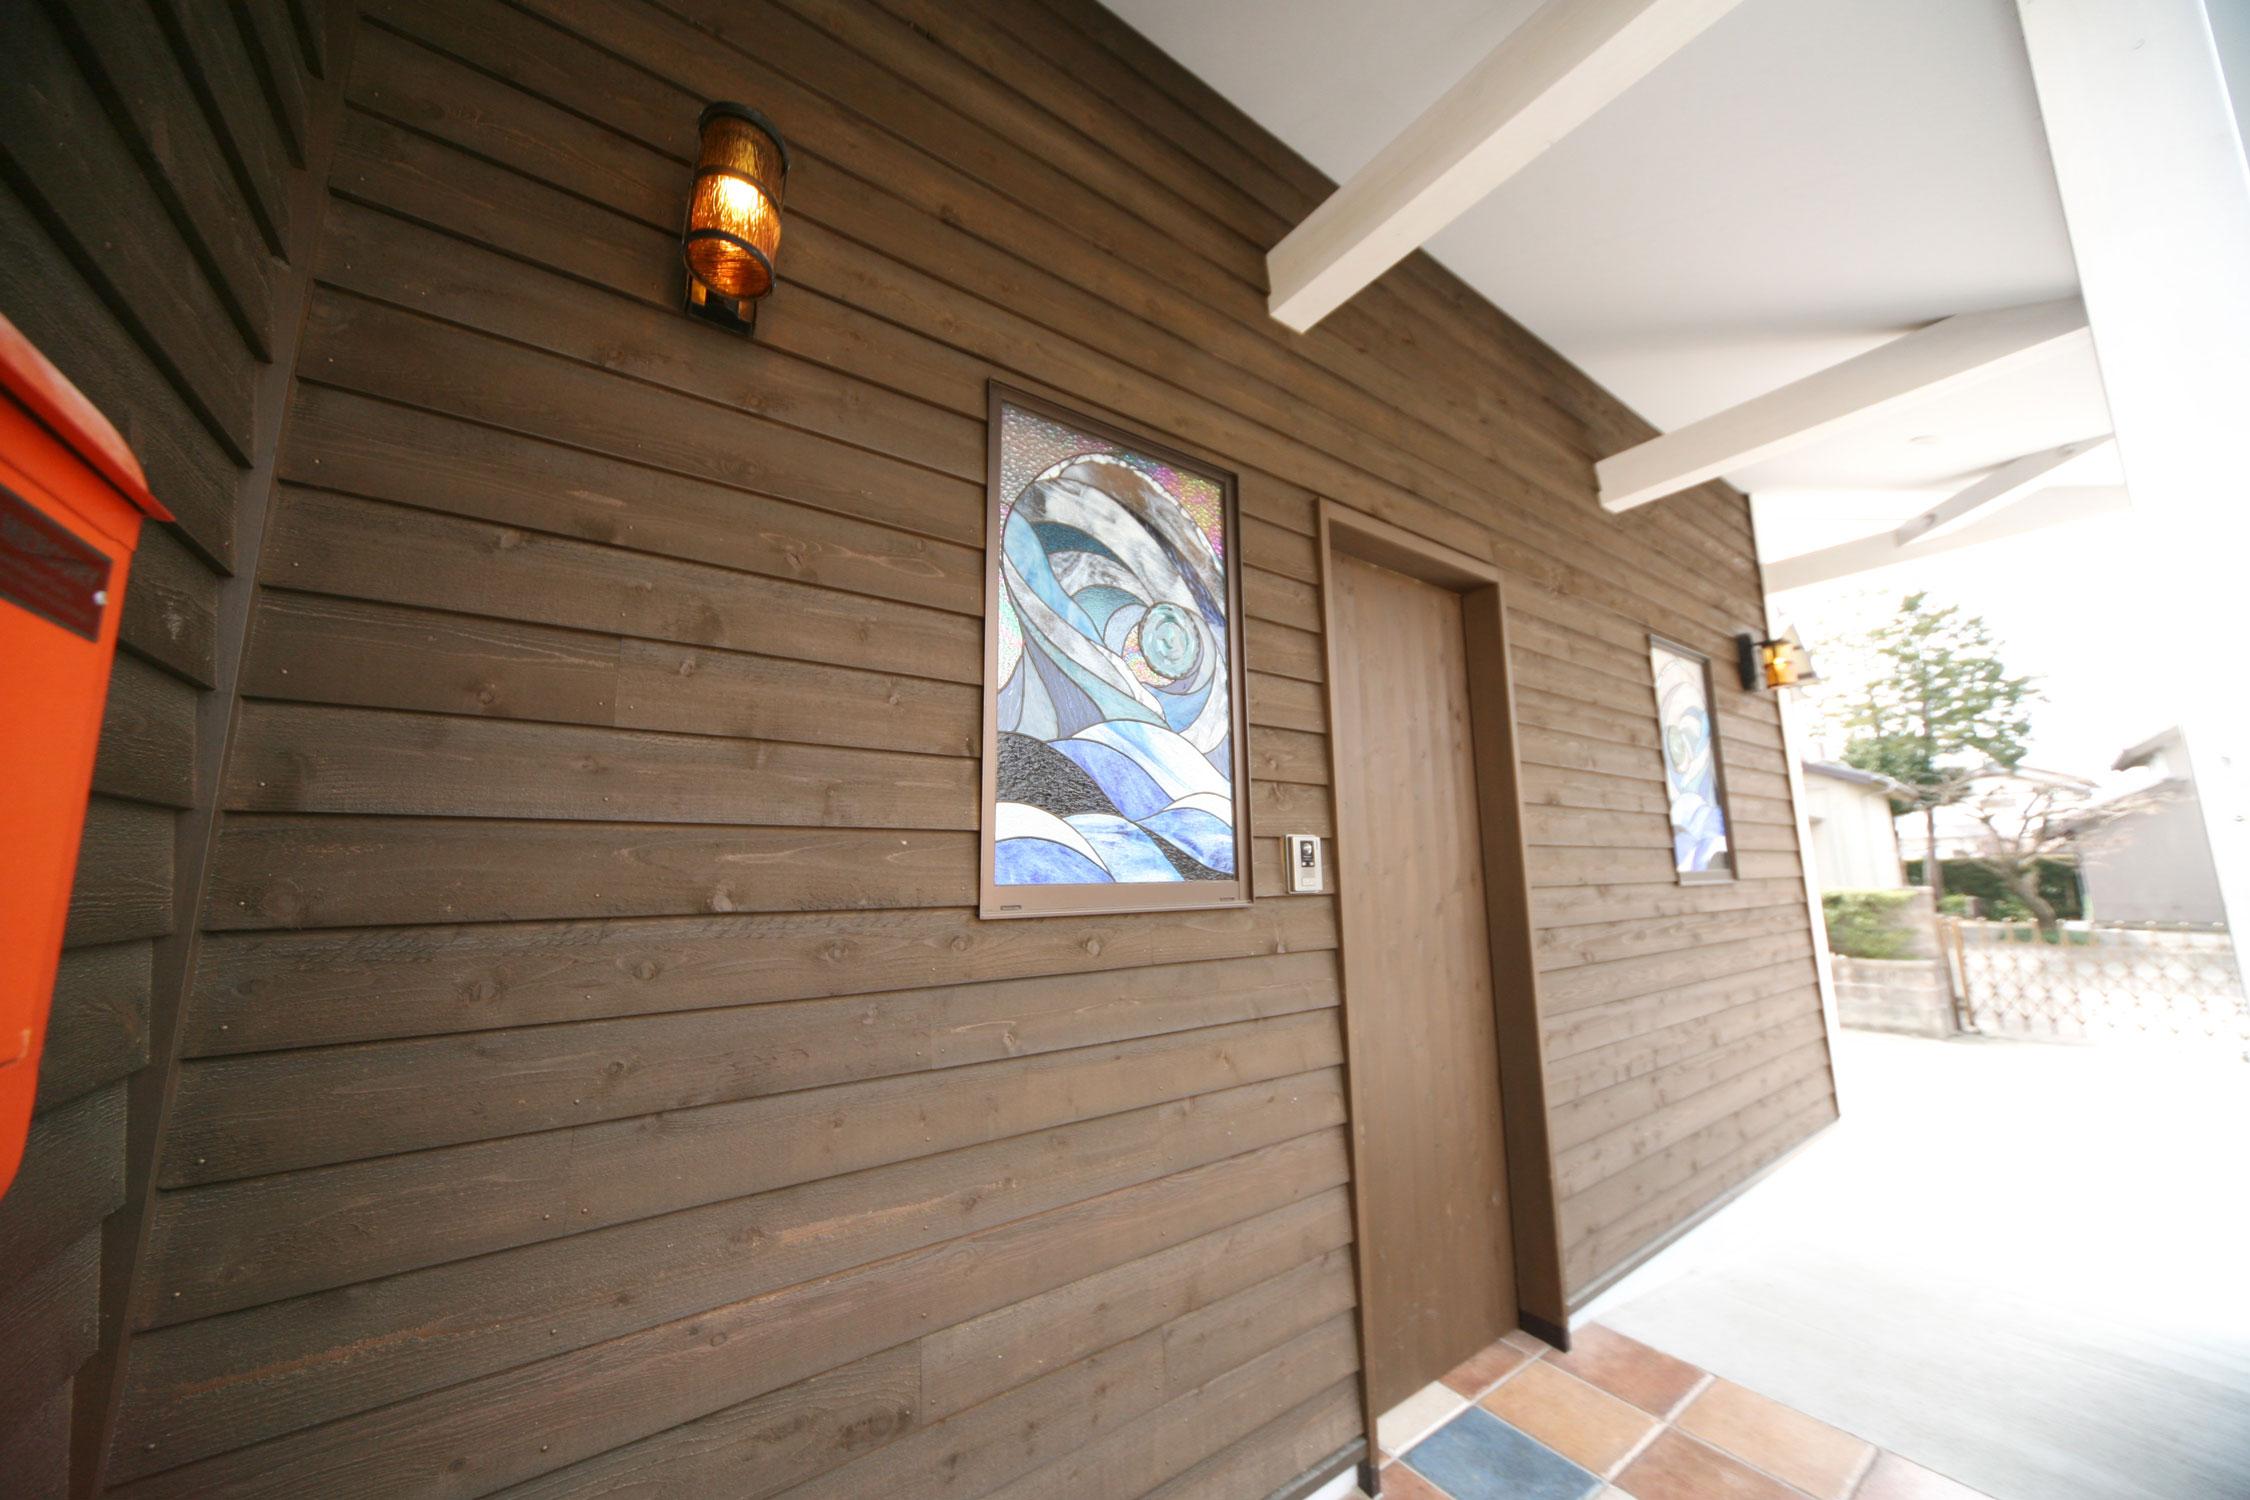 岩田建築【デザイン住宅、趣味、インテリア】ポーチ部分の外壁は板張り。木製玄関戸の両脇には、波をイメージしたオリジナルのステンドグラス